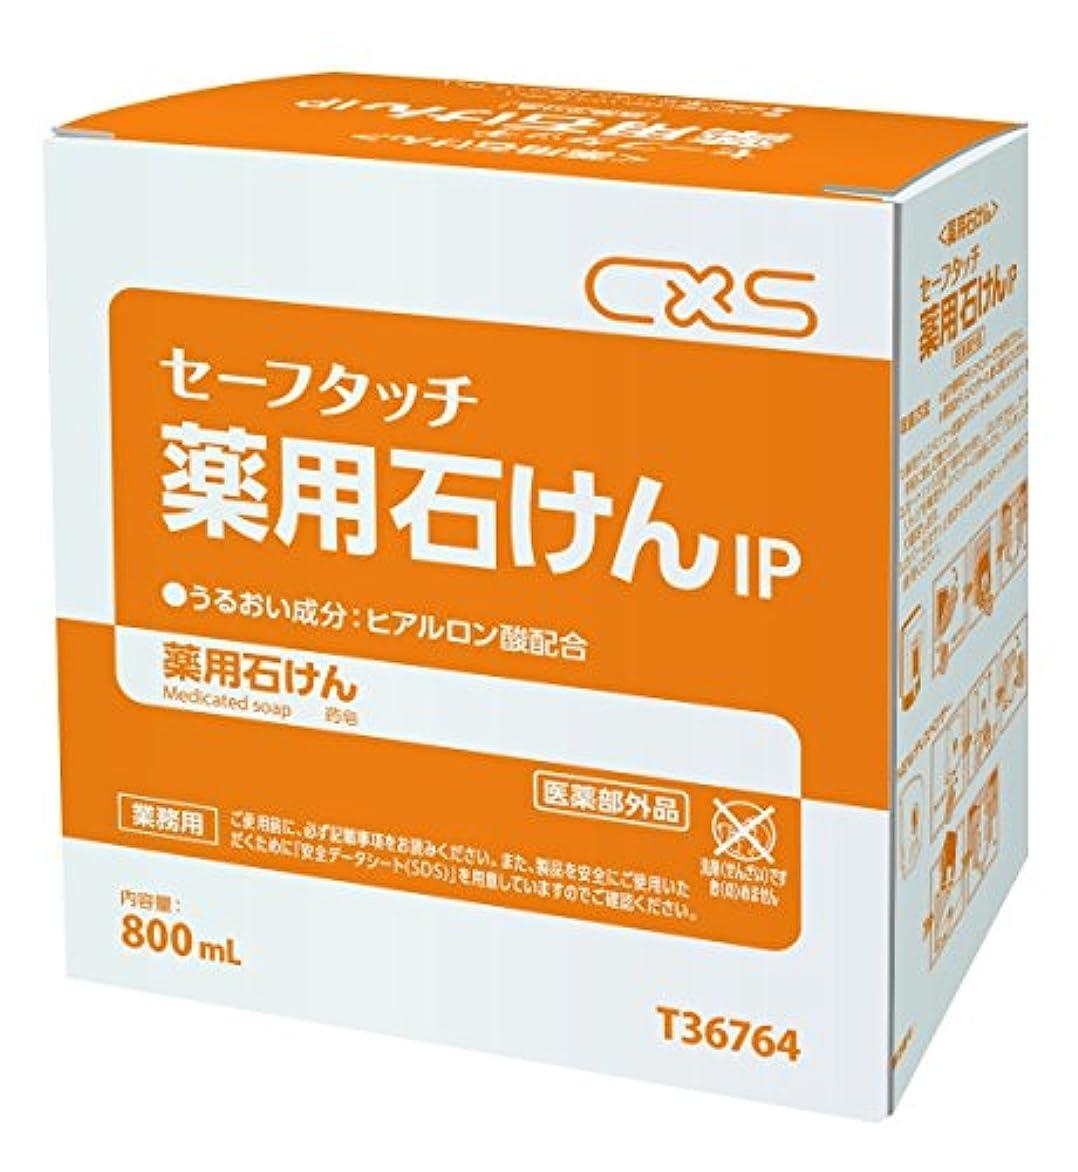 勃起見通しマイクロプロセッサセーフタッチ 薬用石けんIP 6箱セット